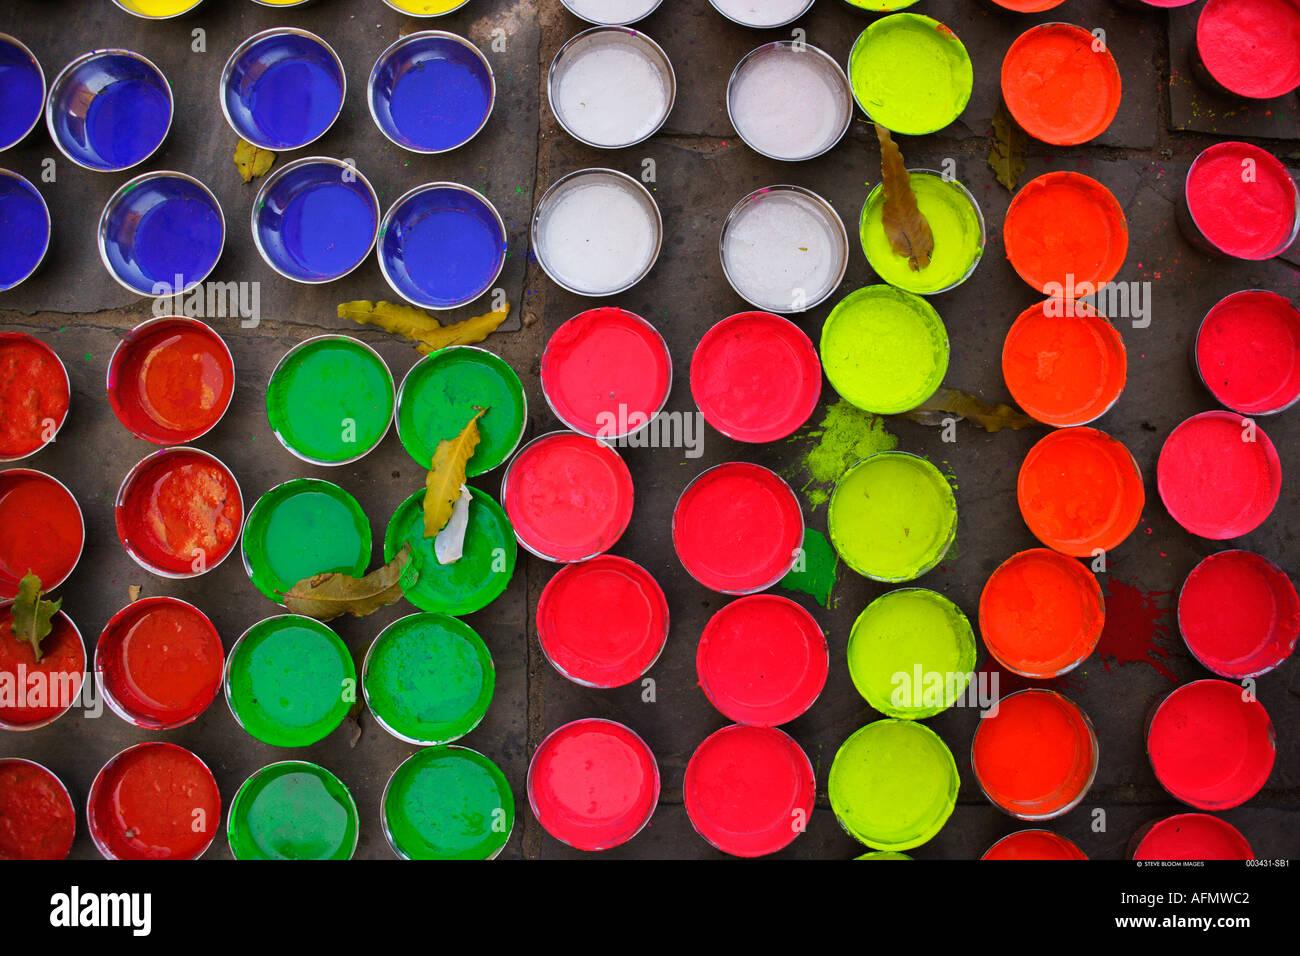 Farbtöpfe verwendet für die Dekoration von Elefanten für den Elephant Festival Jaipur Indien Stockbild